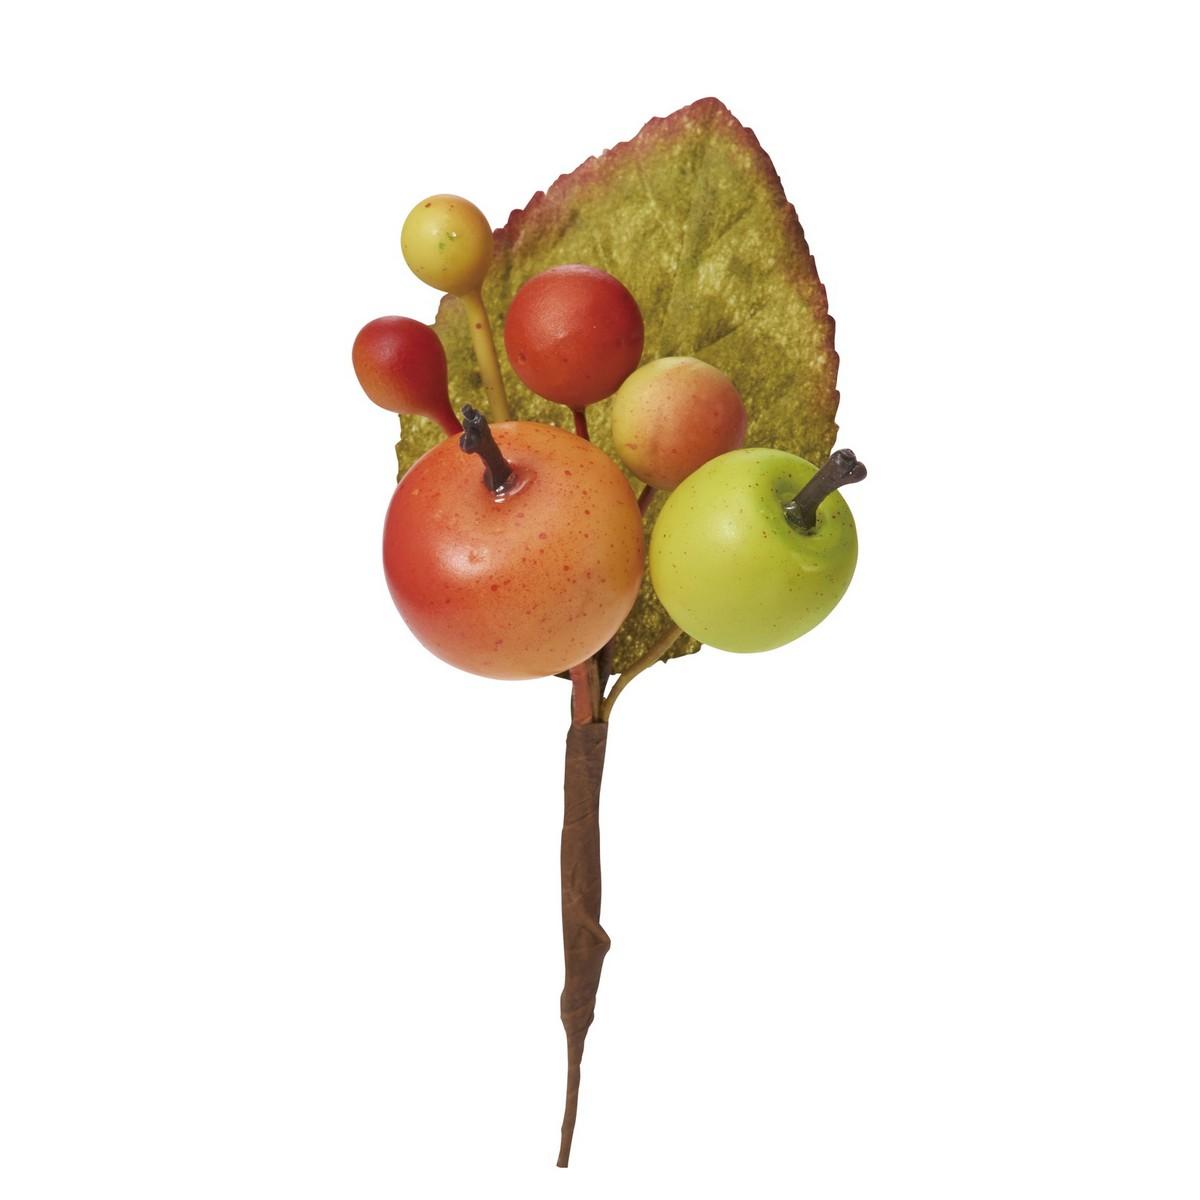 大特価 【造花】YDM/ミニアップルピック /HW -1305【01】【取寄】《 造花(アーティフィシャルフラワー) 造花実物、フェイクフルーツ アップル 》